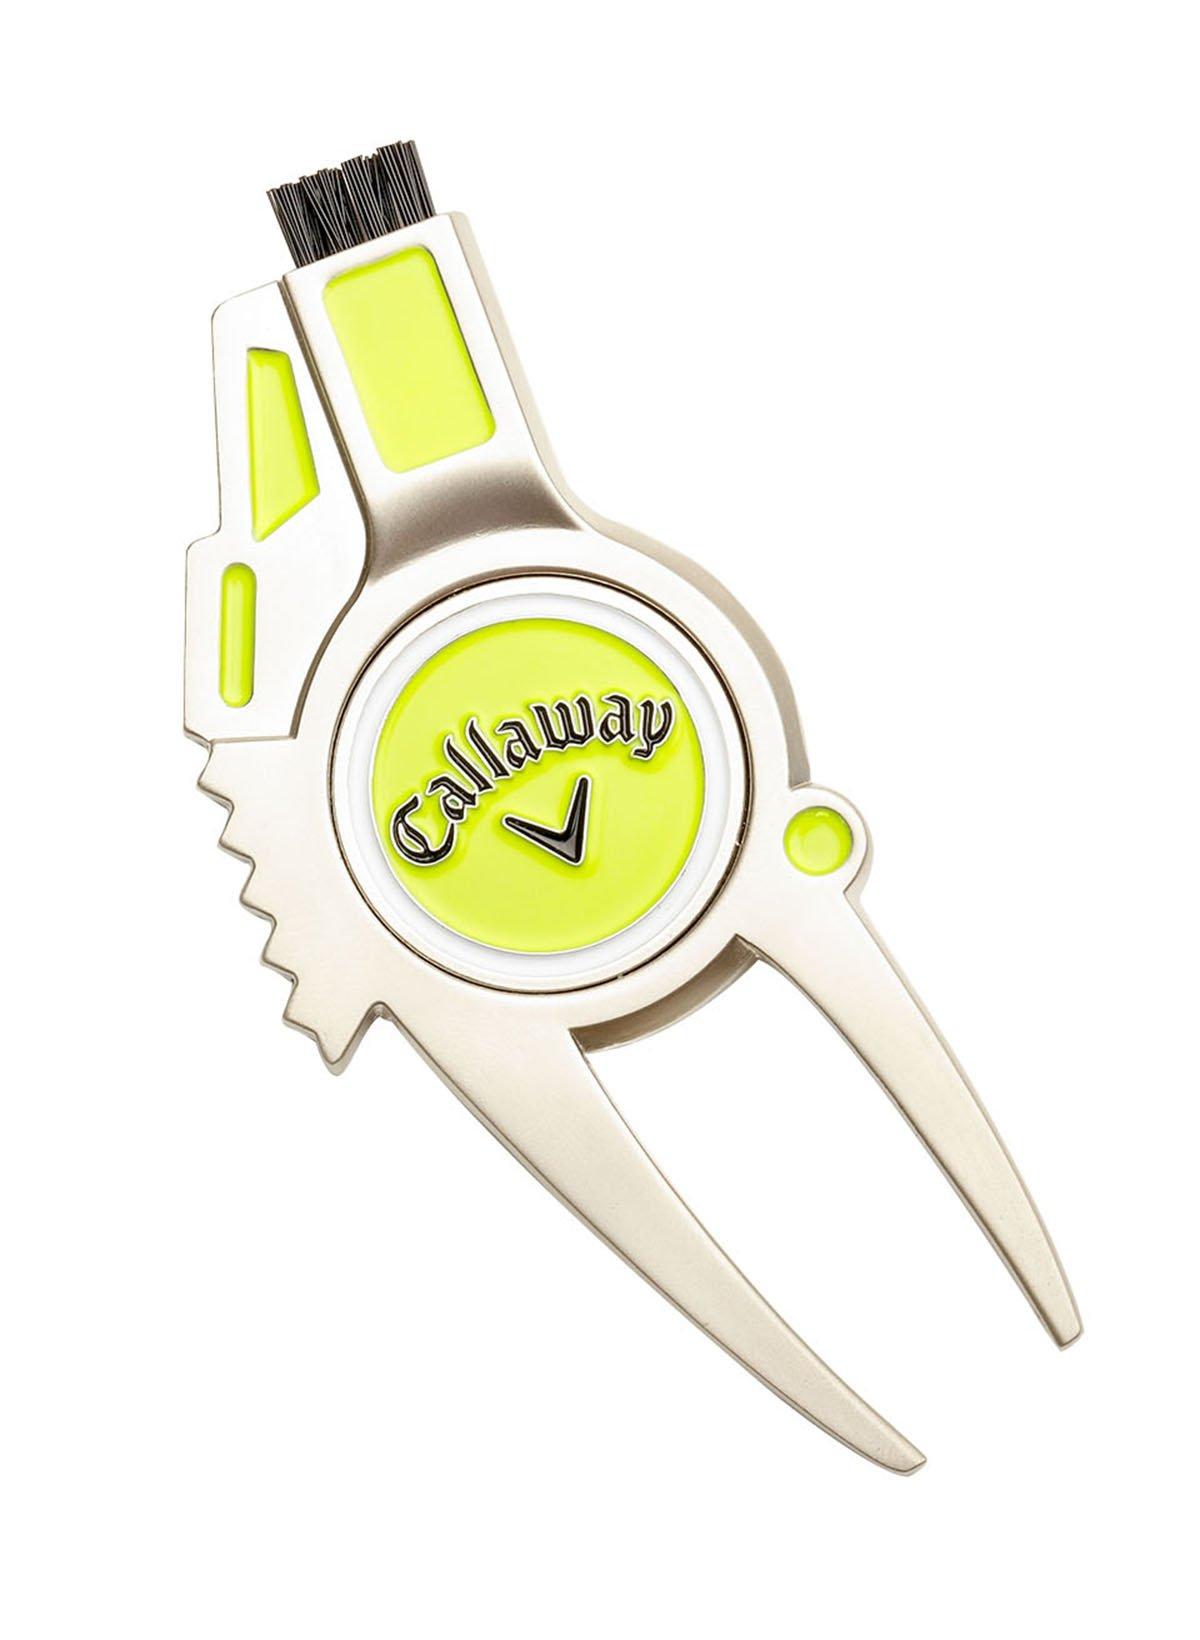 Callaway 4-in-1 Divot Repair Tool by Callaway